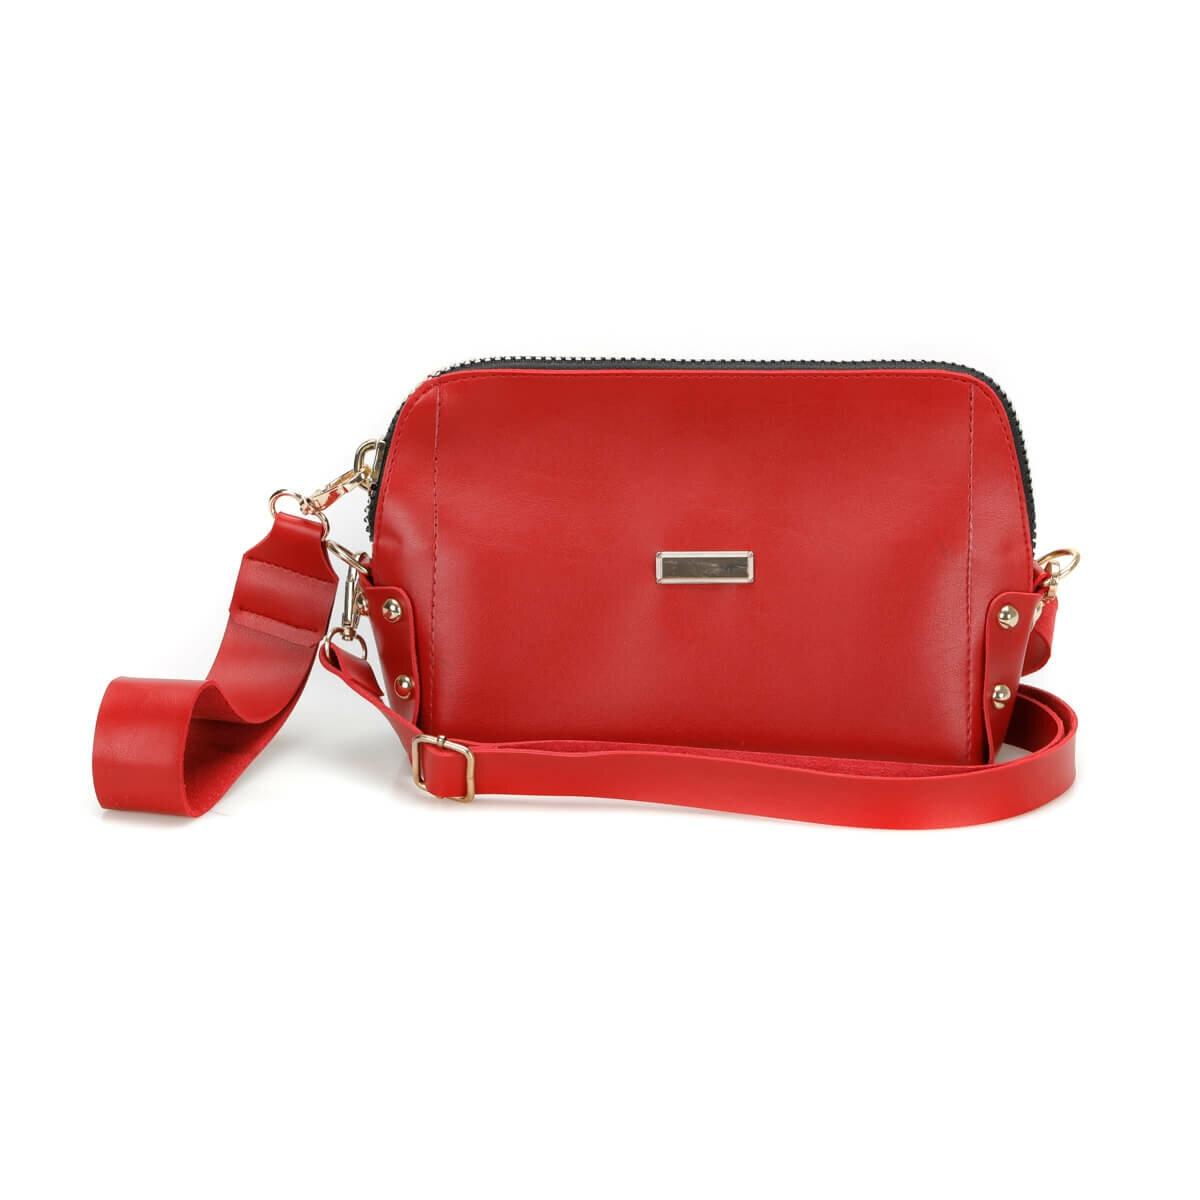 FLO WDRN1201 Red Women Messenger Bag BUTIGO